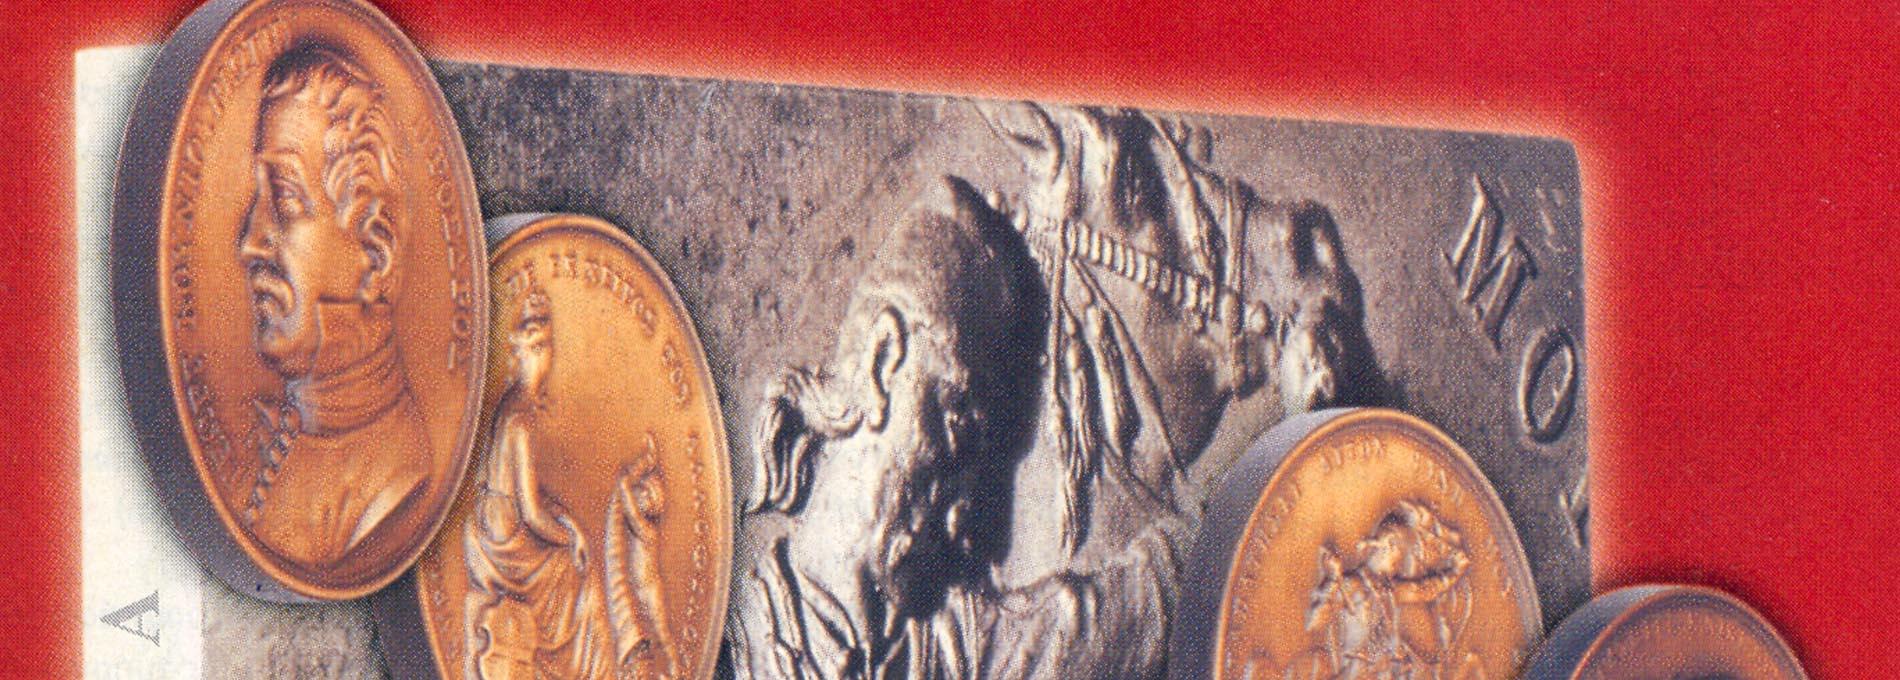 σχεδιασμός μετάλλια 1821 μανωλέσσος